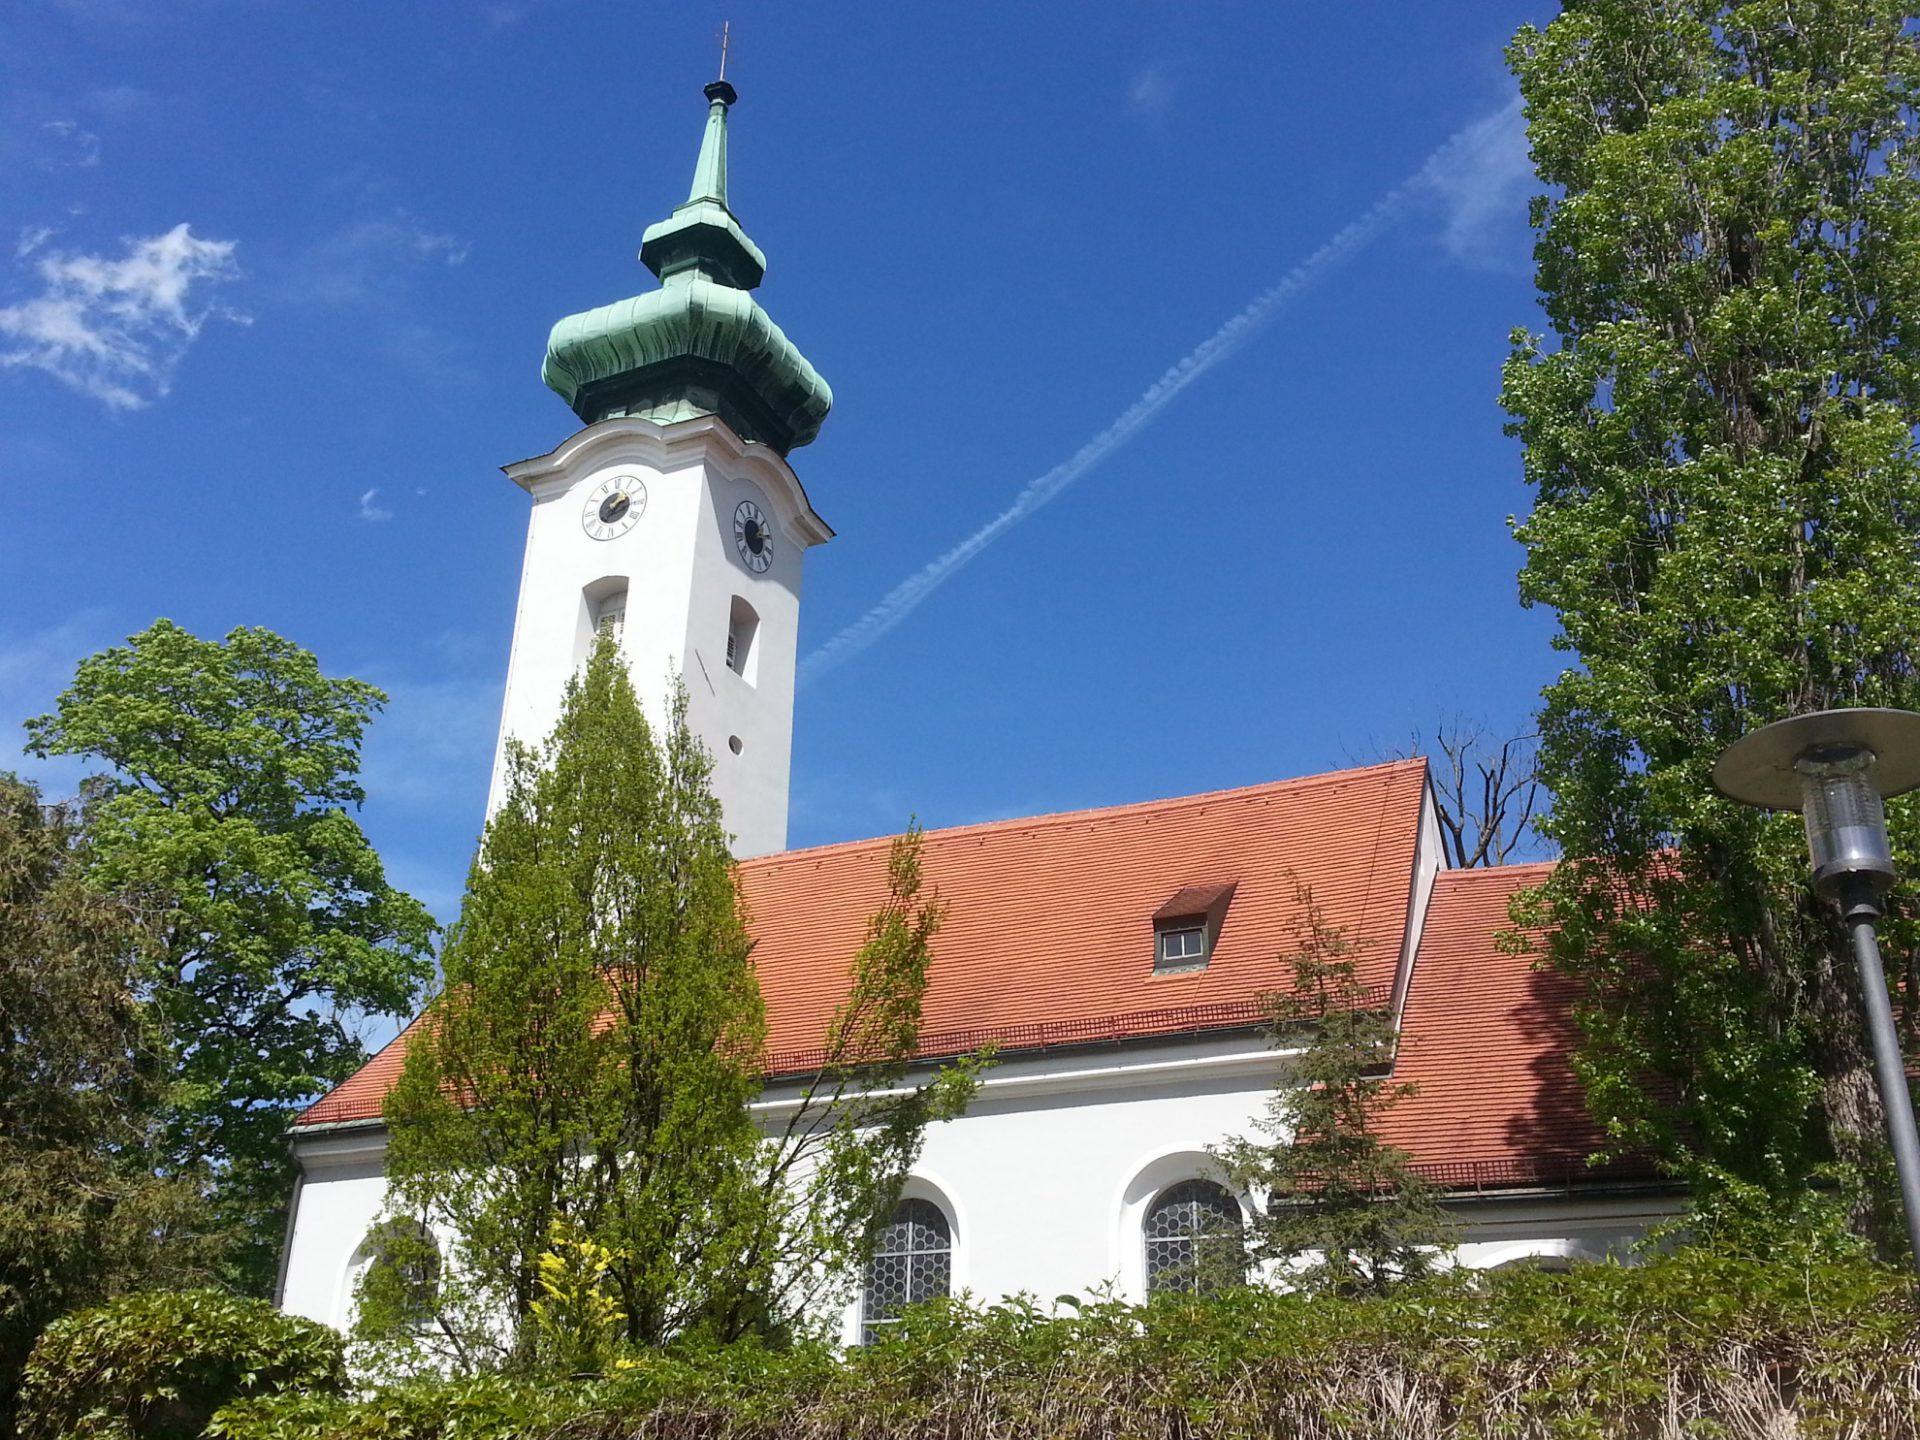 Pfarrkirche St. Georg München-Bogenhausen